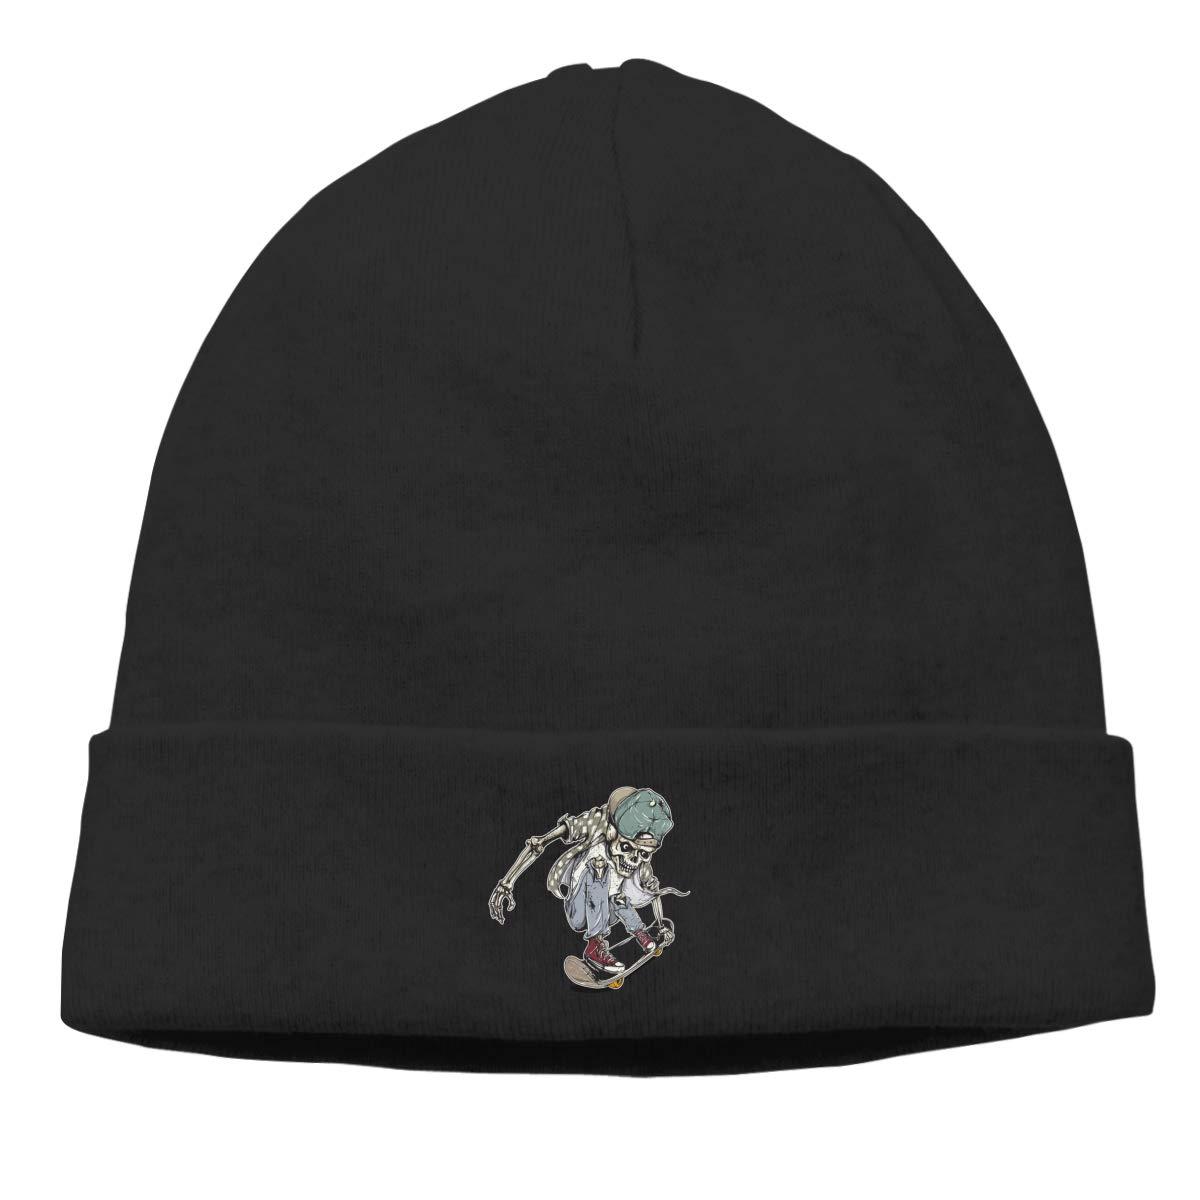 Funny Skull Skaters Knit Caps Beanie Hat Skull for Men Black